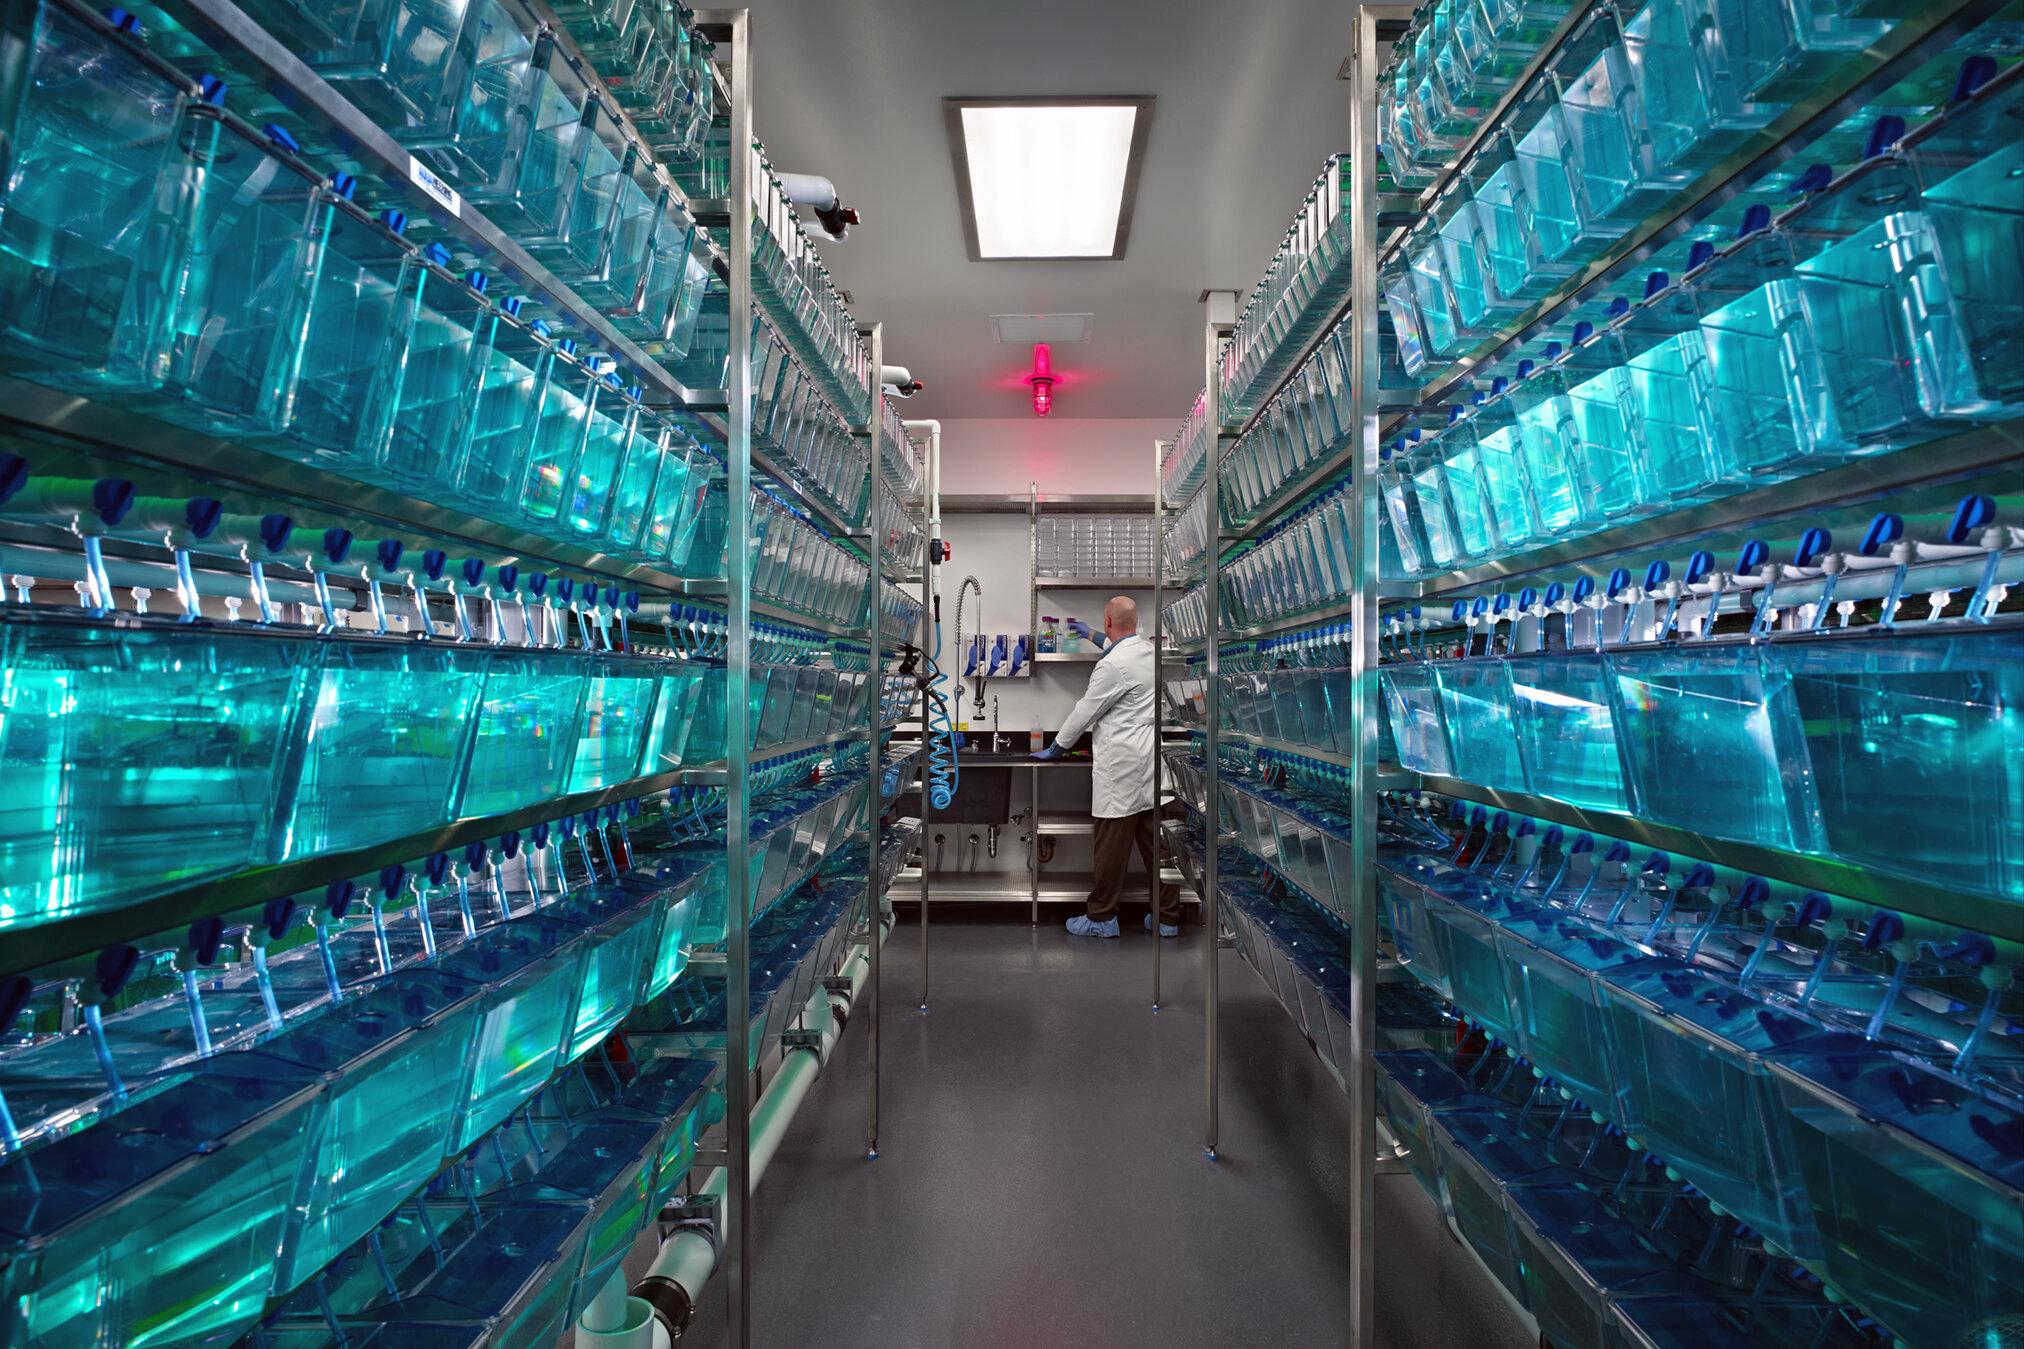 Aquatics Suite, Seattle Children's Research Institute